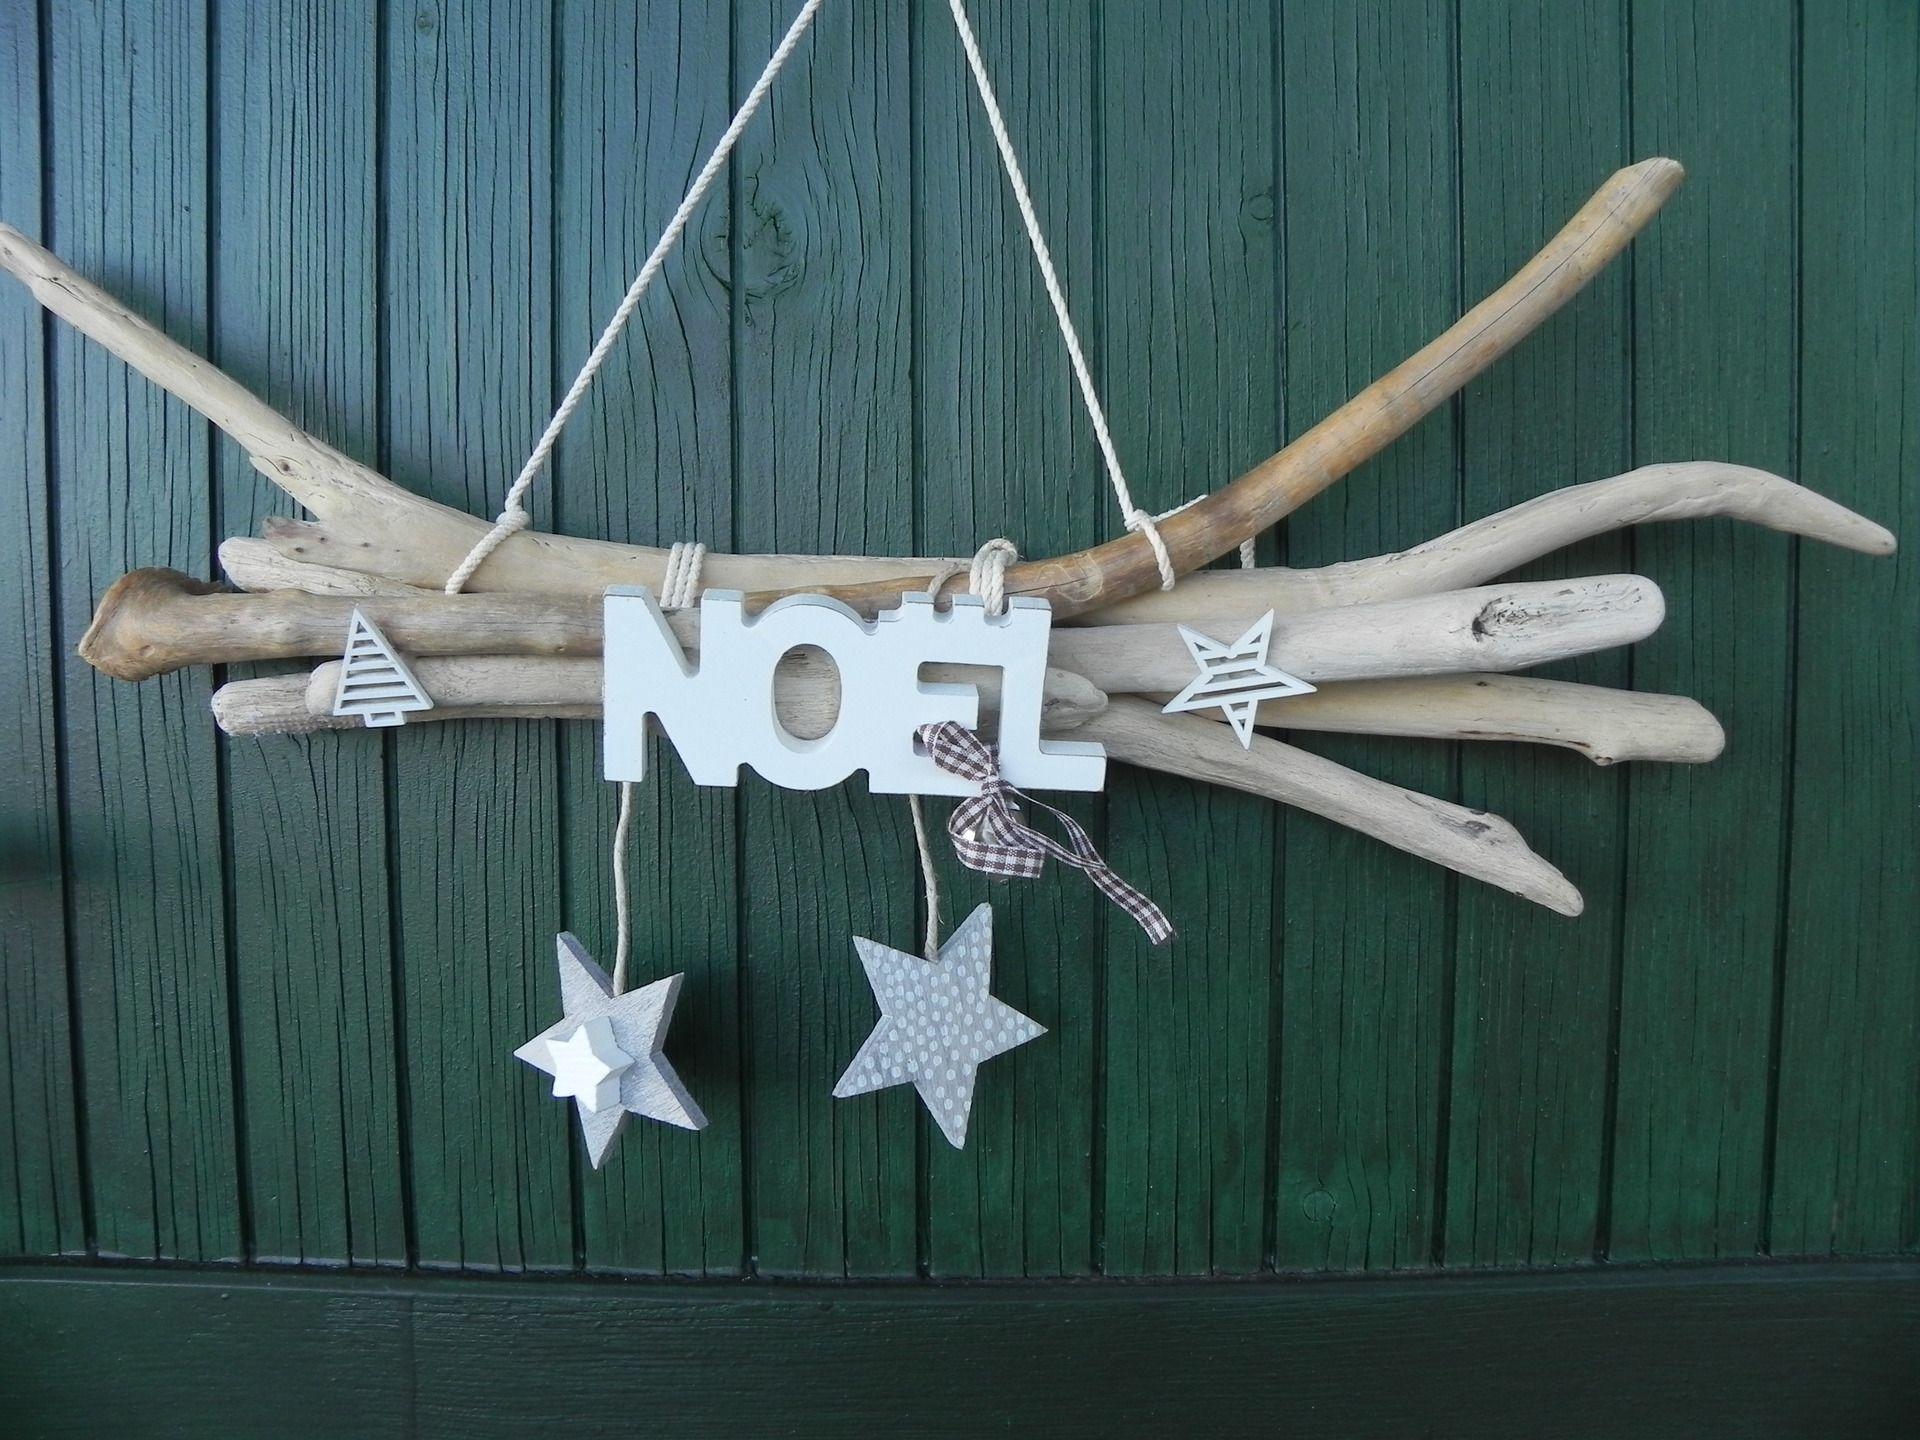 decoration de noel bois flotte - idée de luminaire et lampe maison